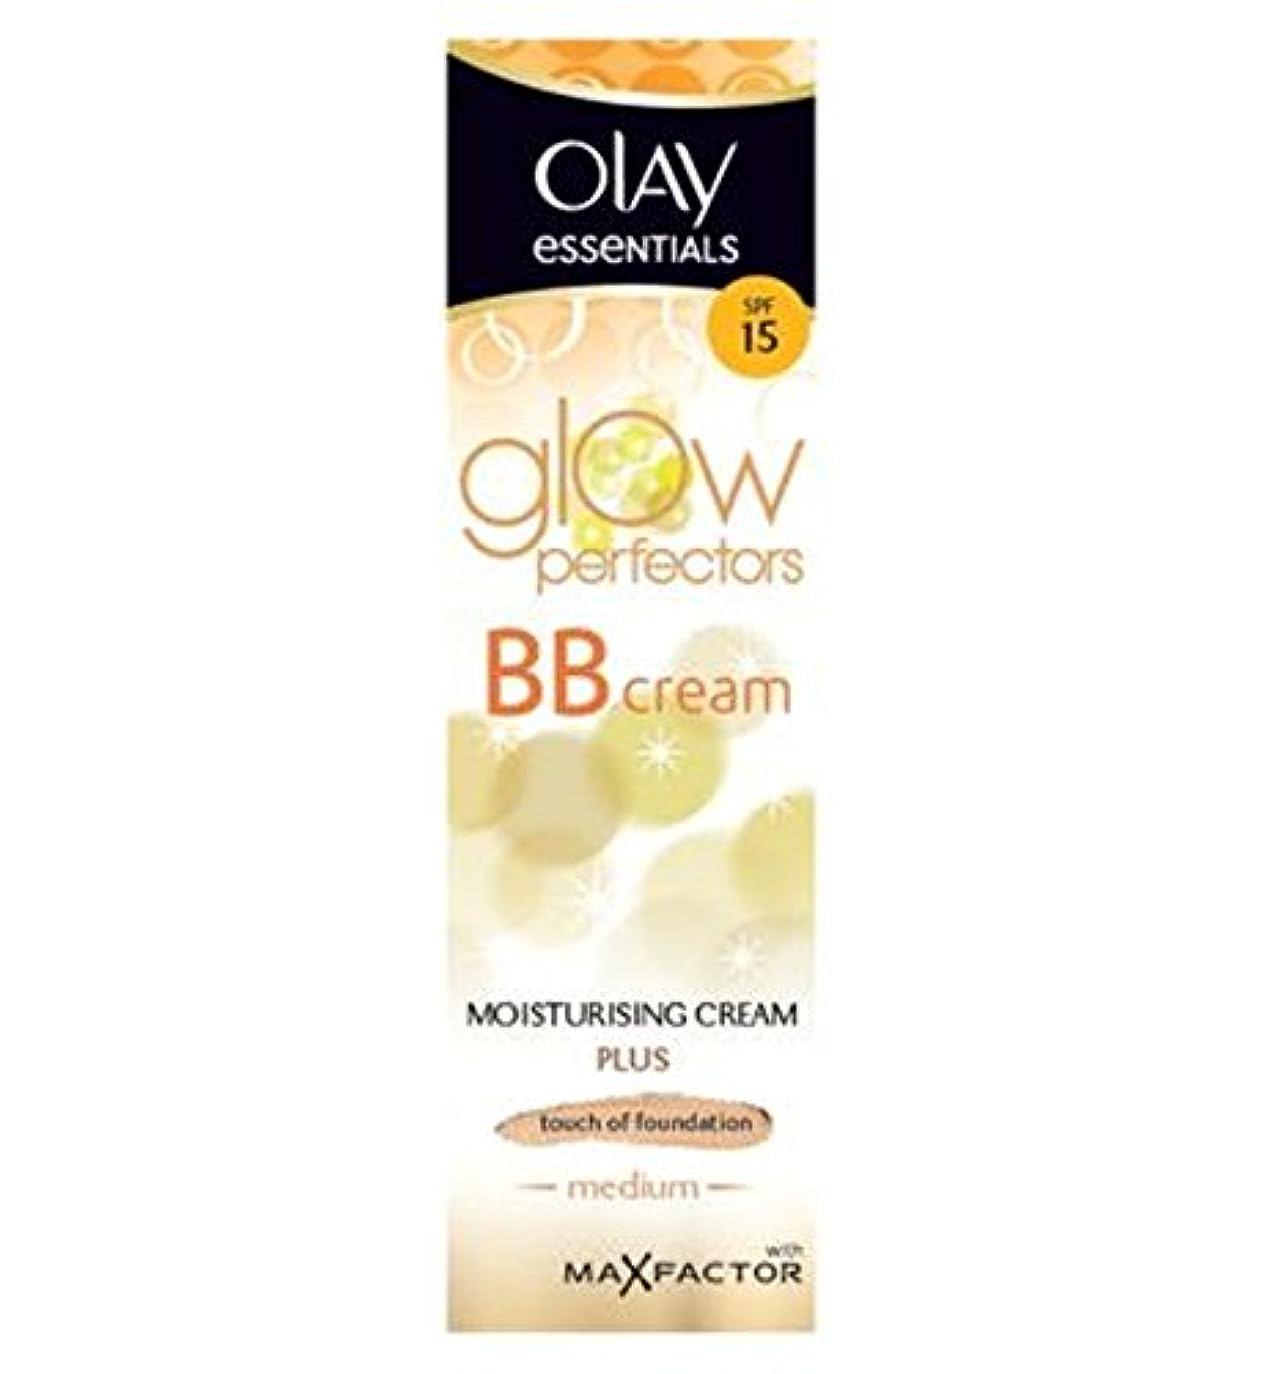 信仰施し急ぐOlay Complete BB Cream SPF15 Skin Perfecting Tinted Moisturiser 50ml - Medium - 着色保湿50ミリリットルを完成オーレイ完全なBbクリームSpf15...